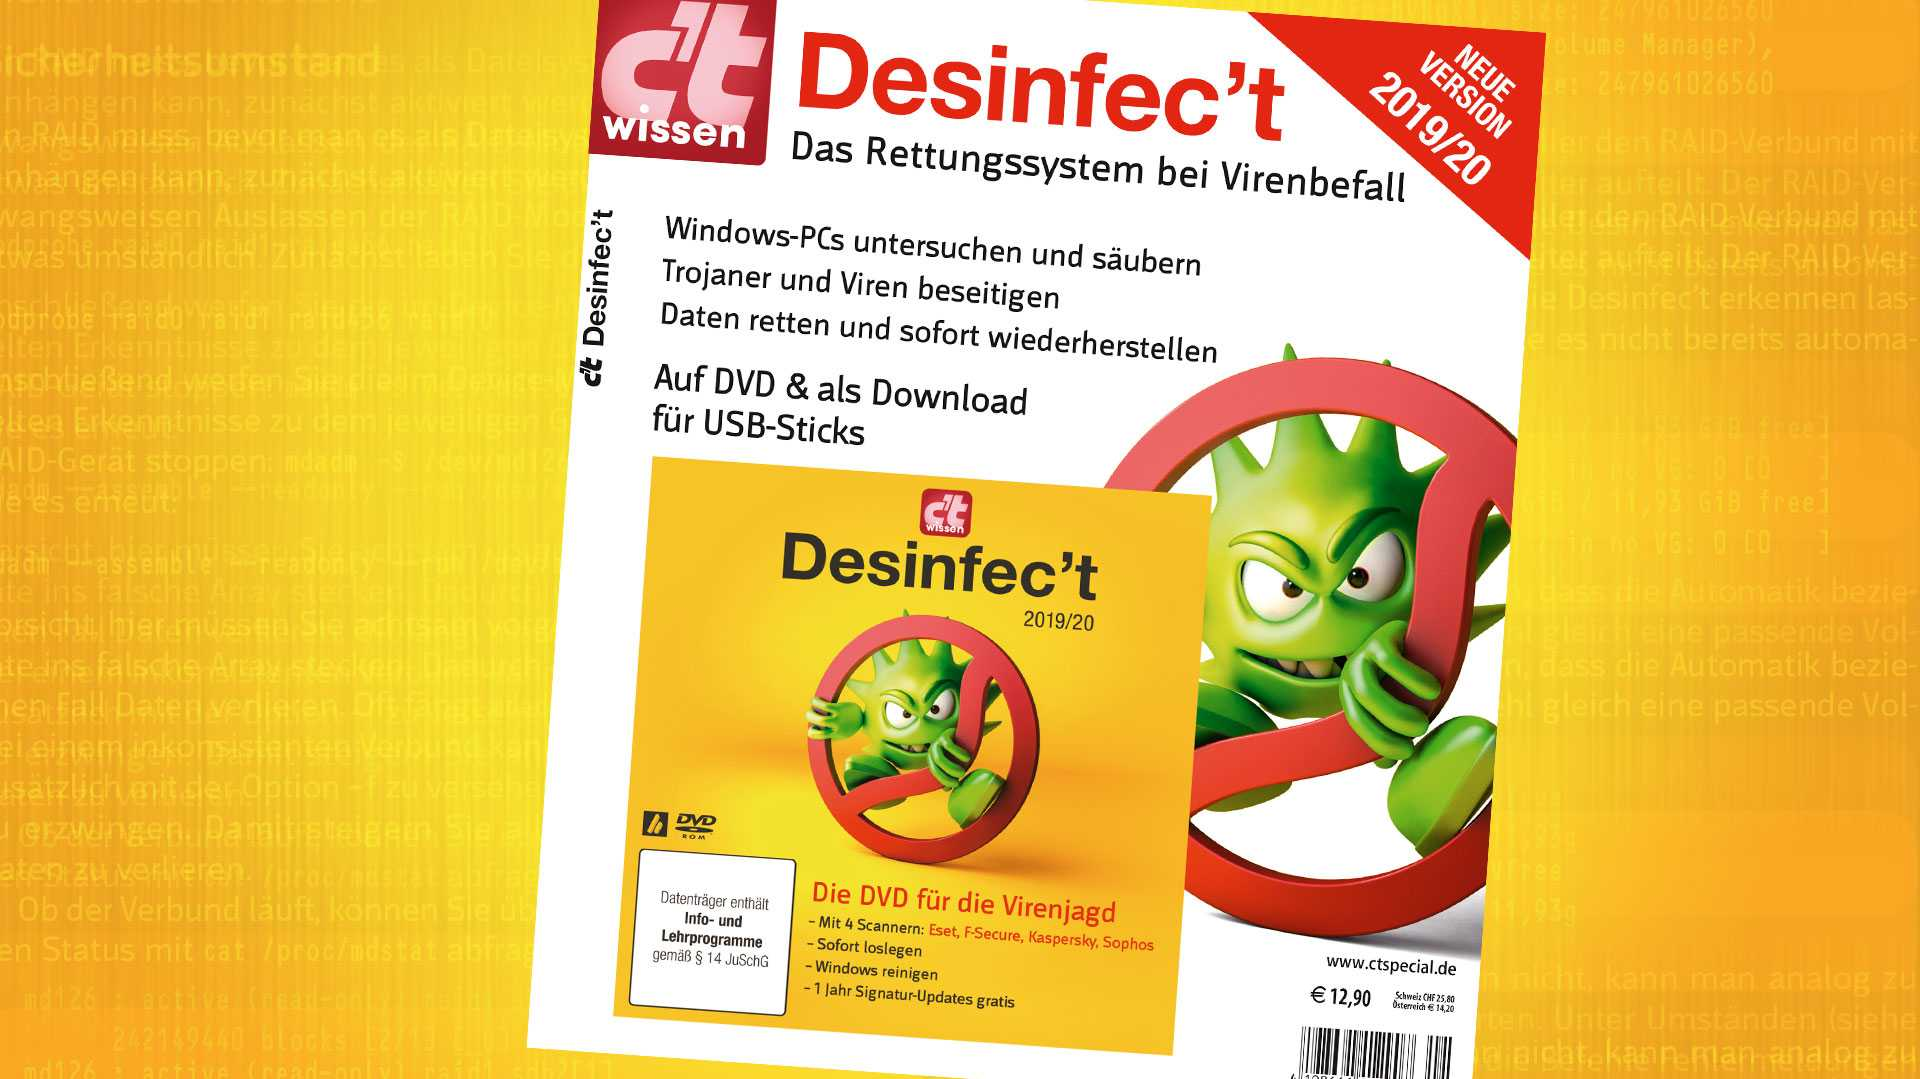 Jetzt downloaden: Sonderheft c't wissen mit Desinfec't 2019/20